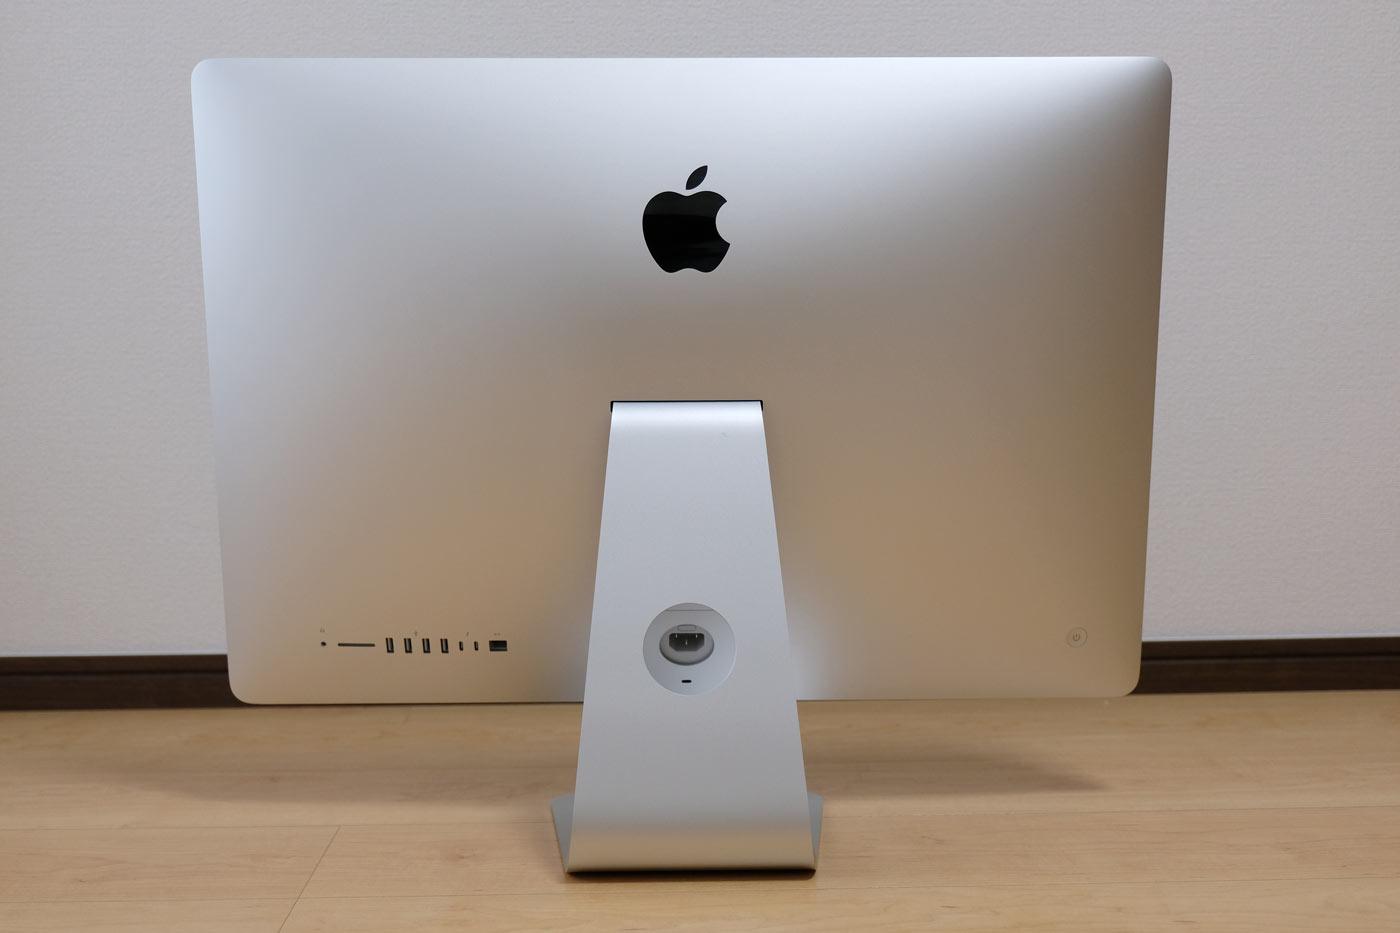 27インチiMac 5K 外観デザイン 背面側